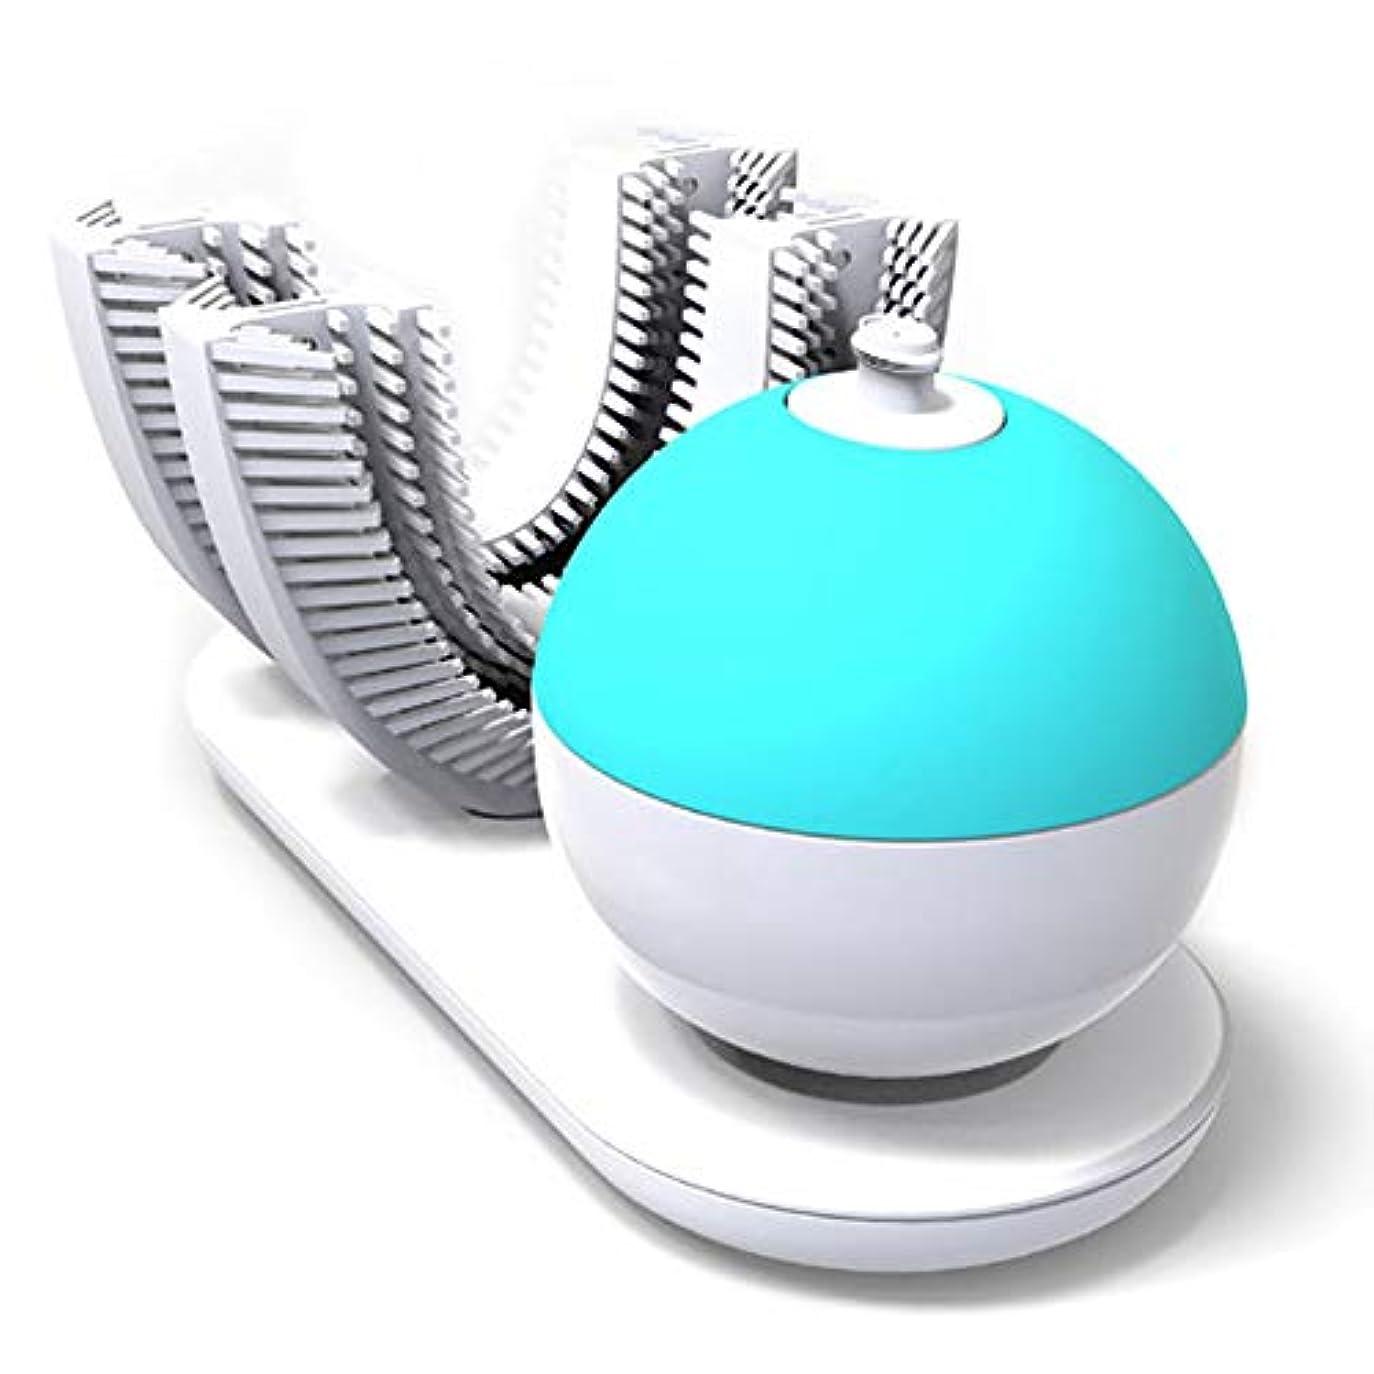 農場略す思春期のフルオートマチック可変周波数電動歯ブラシ、自動360度U字型電動歯ブラシ、ワイヤレス充電IPX7防水自動歯ブラシ(大人用)